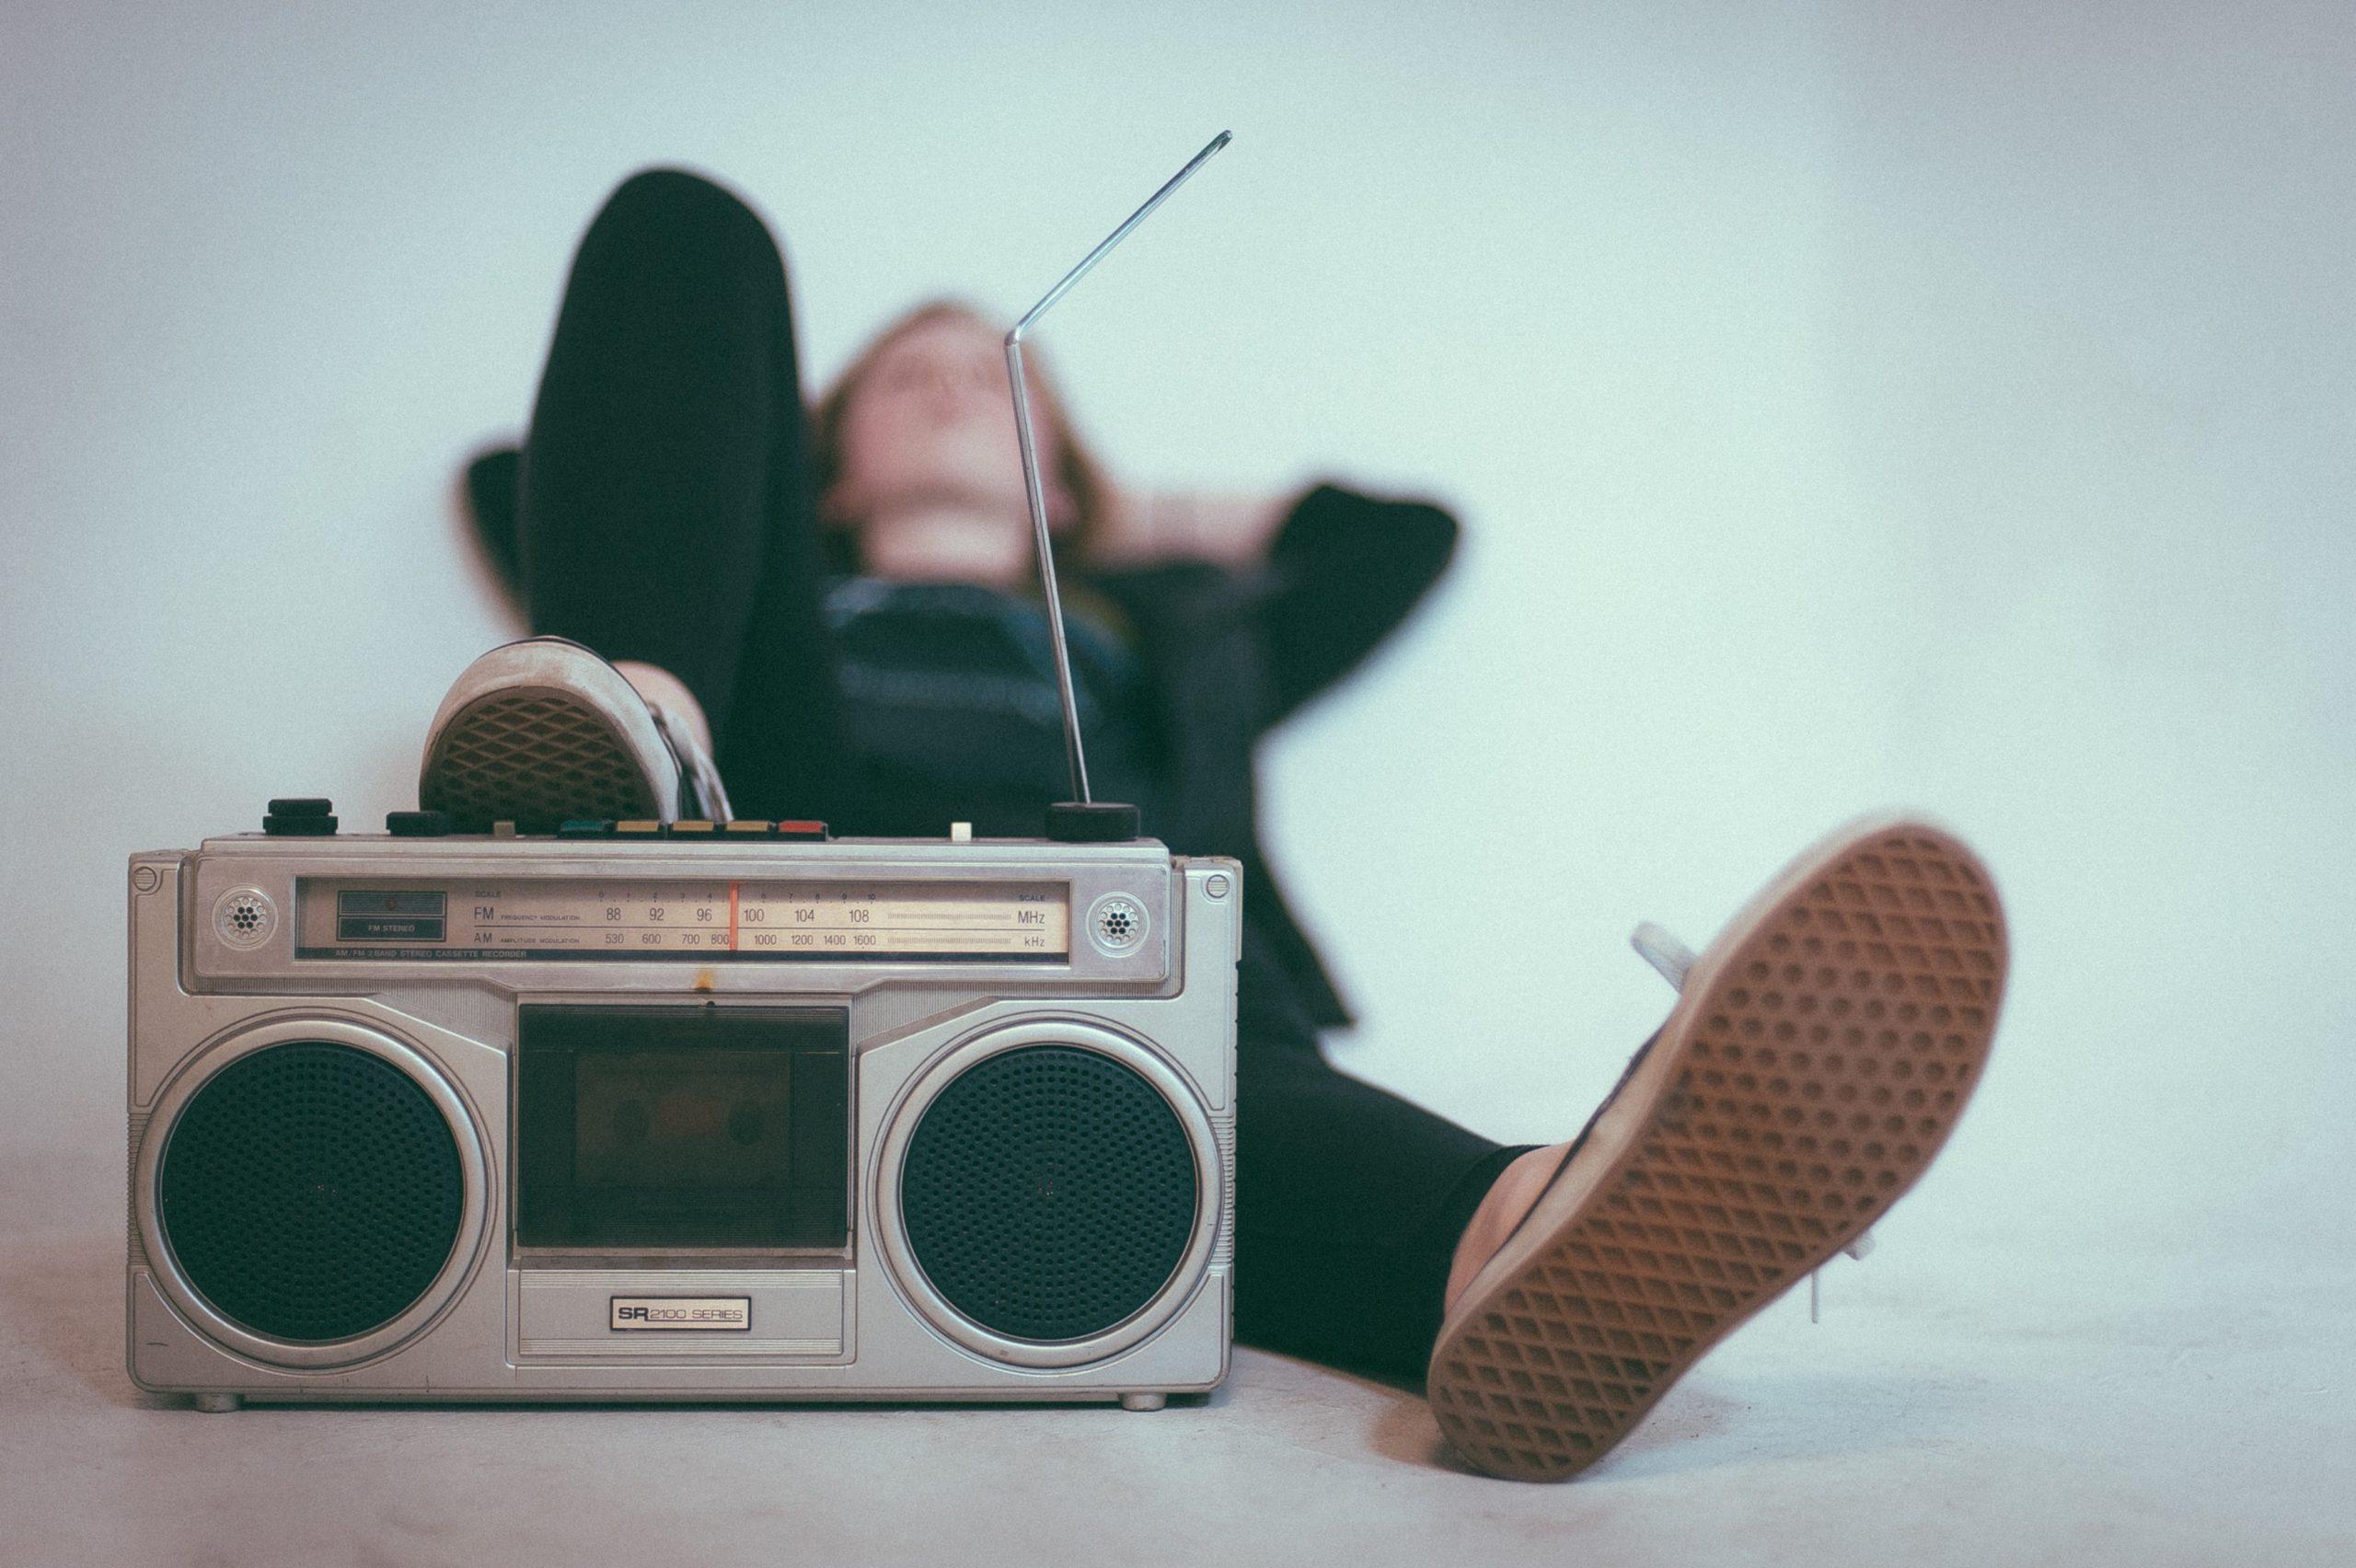 ¿Cansado de las frases genéricas de la radio? La mejor emisora de radio online dentro de nuestro blog para ti.